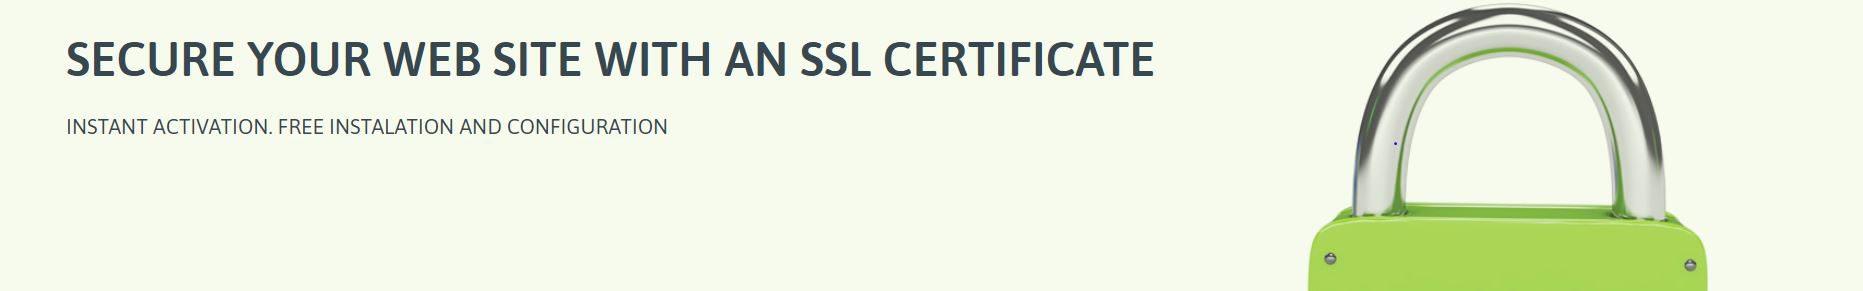 El certificado SSL viene incluido en los planes de hosting ilimitado.